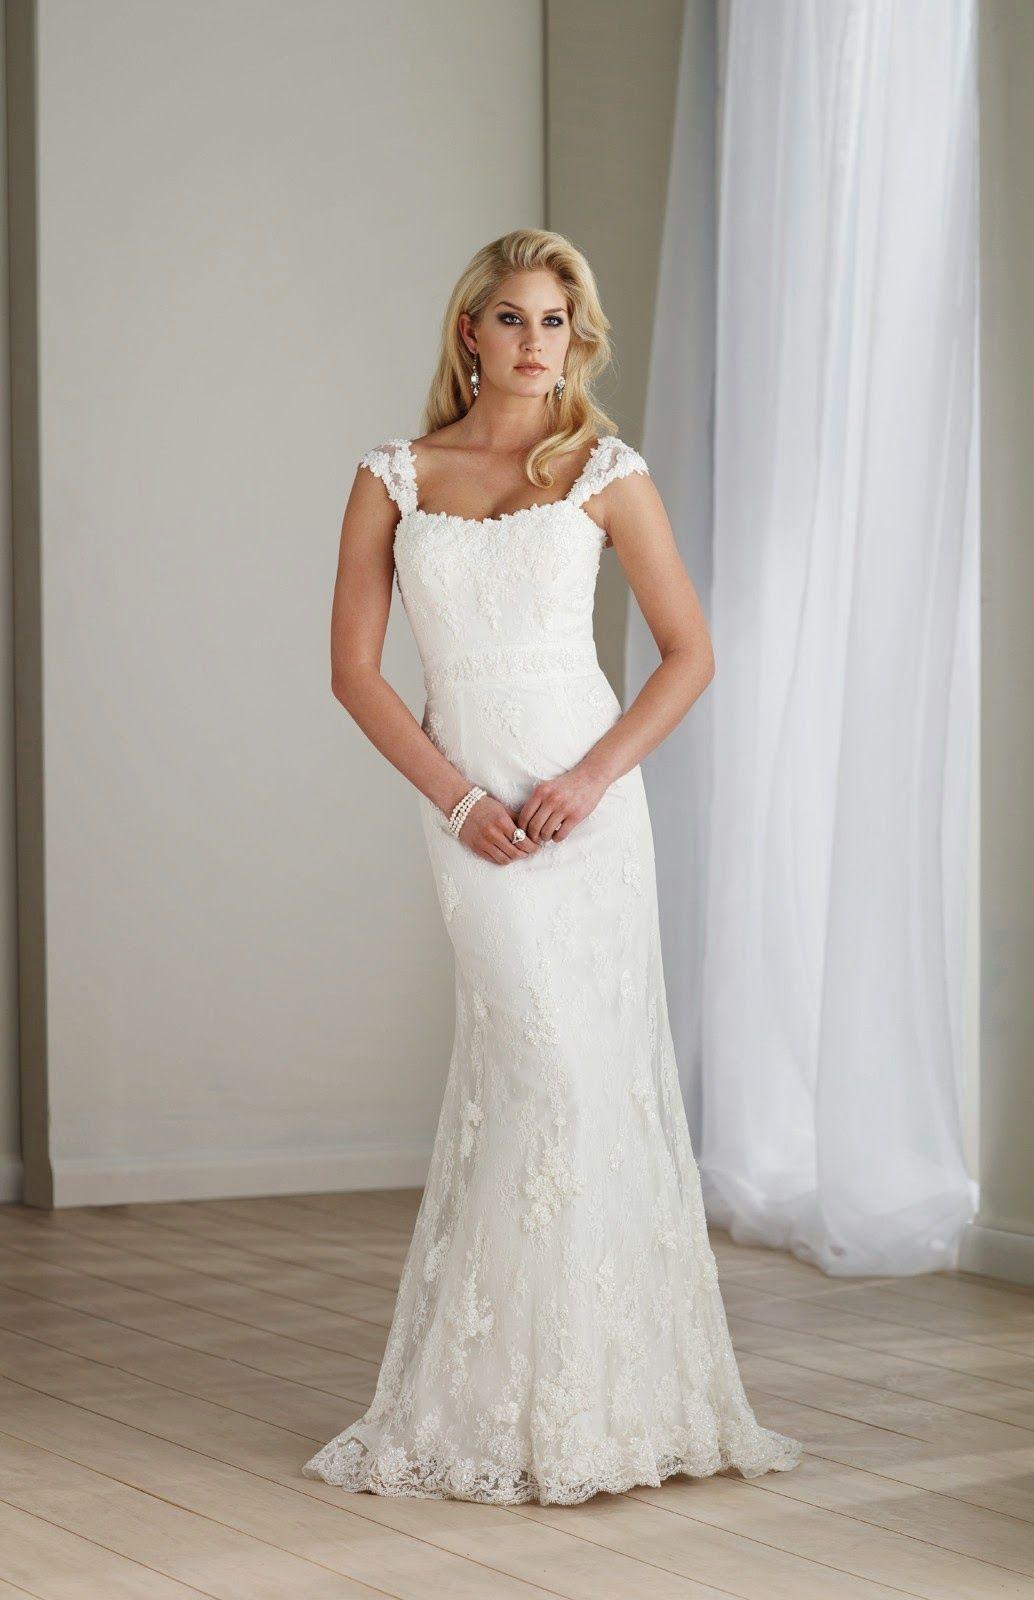 Wedding Dresses for Older Brides 2nd Marriage - Wedding Dresses for ...